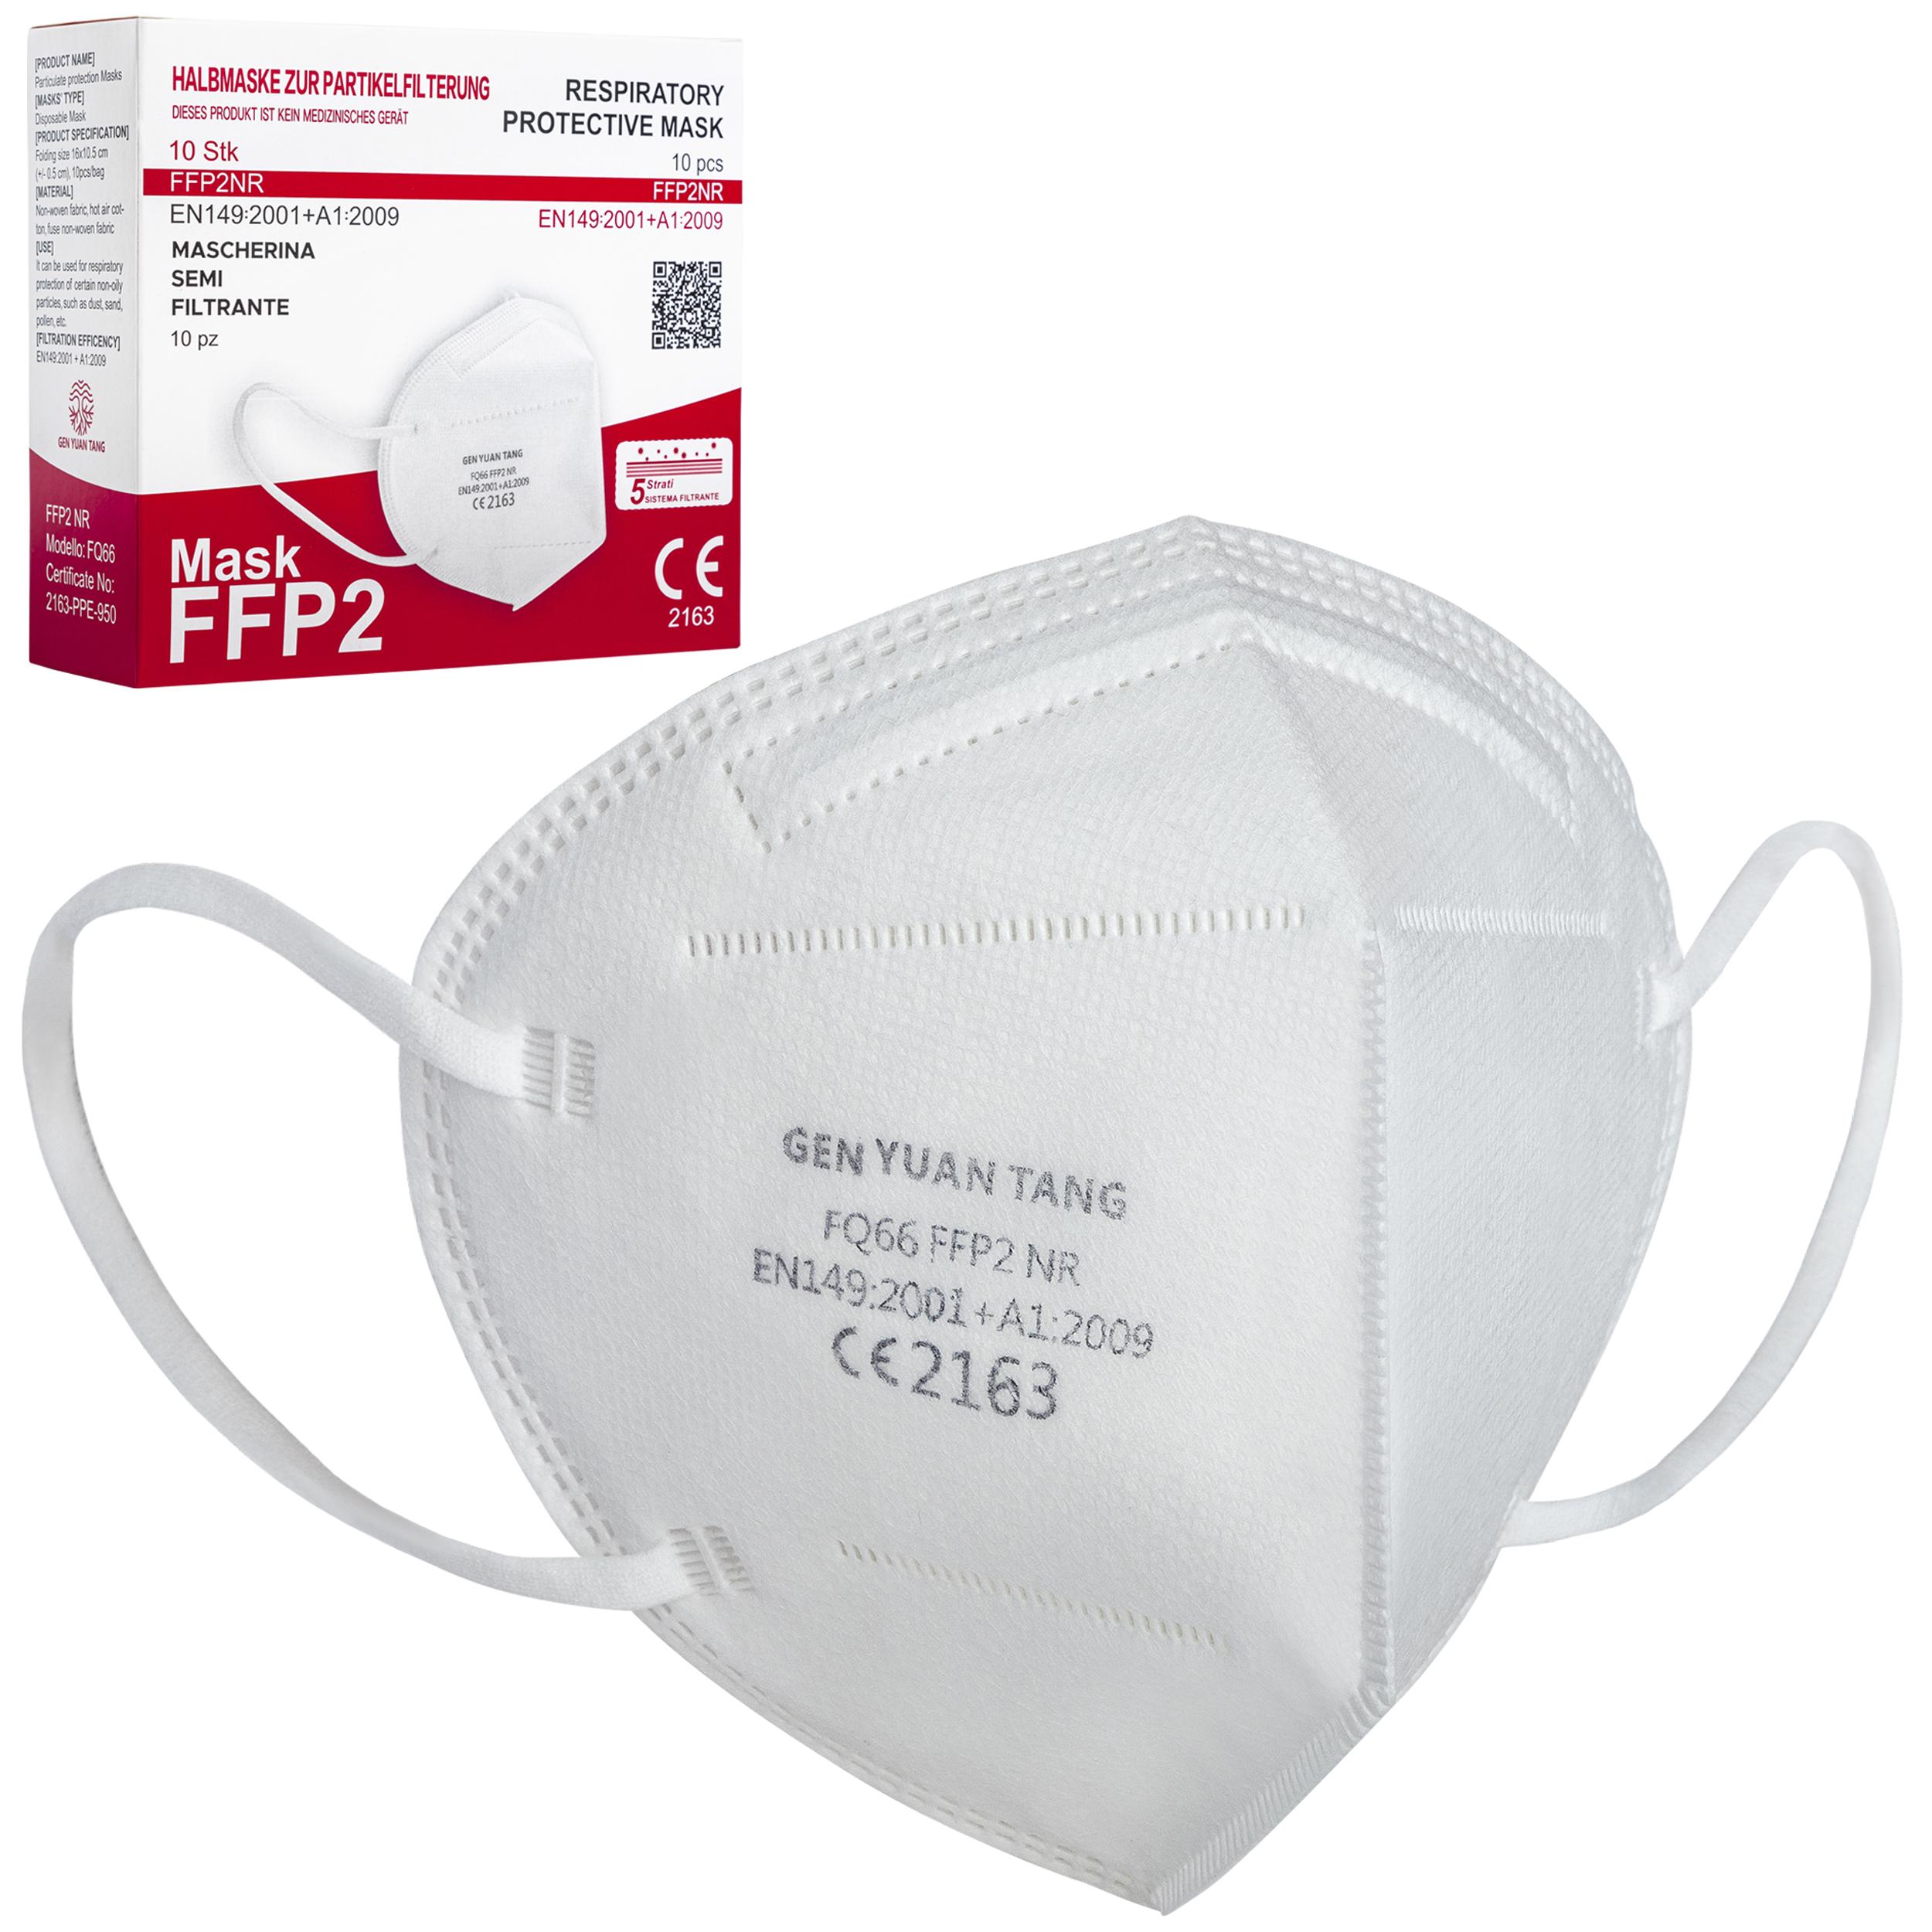 10 FFP2 Masken für 3€ inkl. Versand bei Kaufland